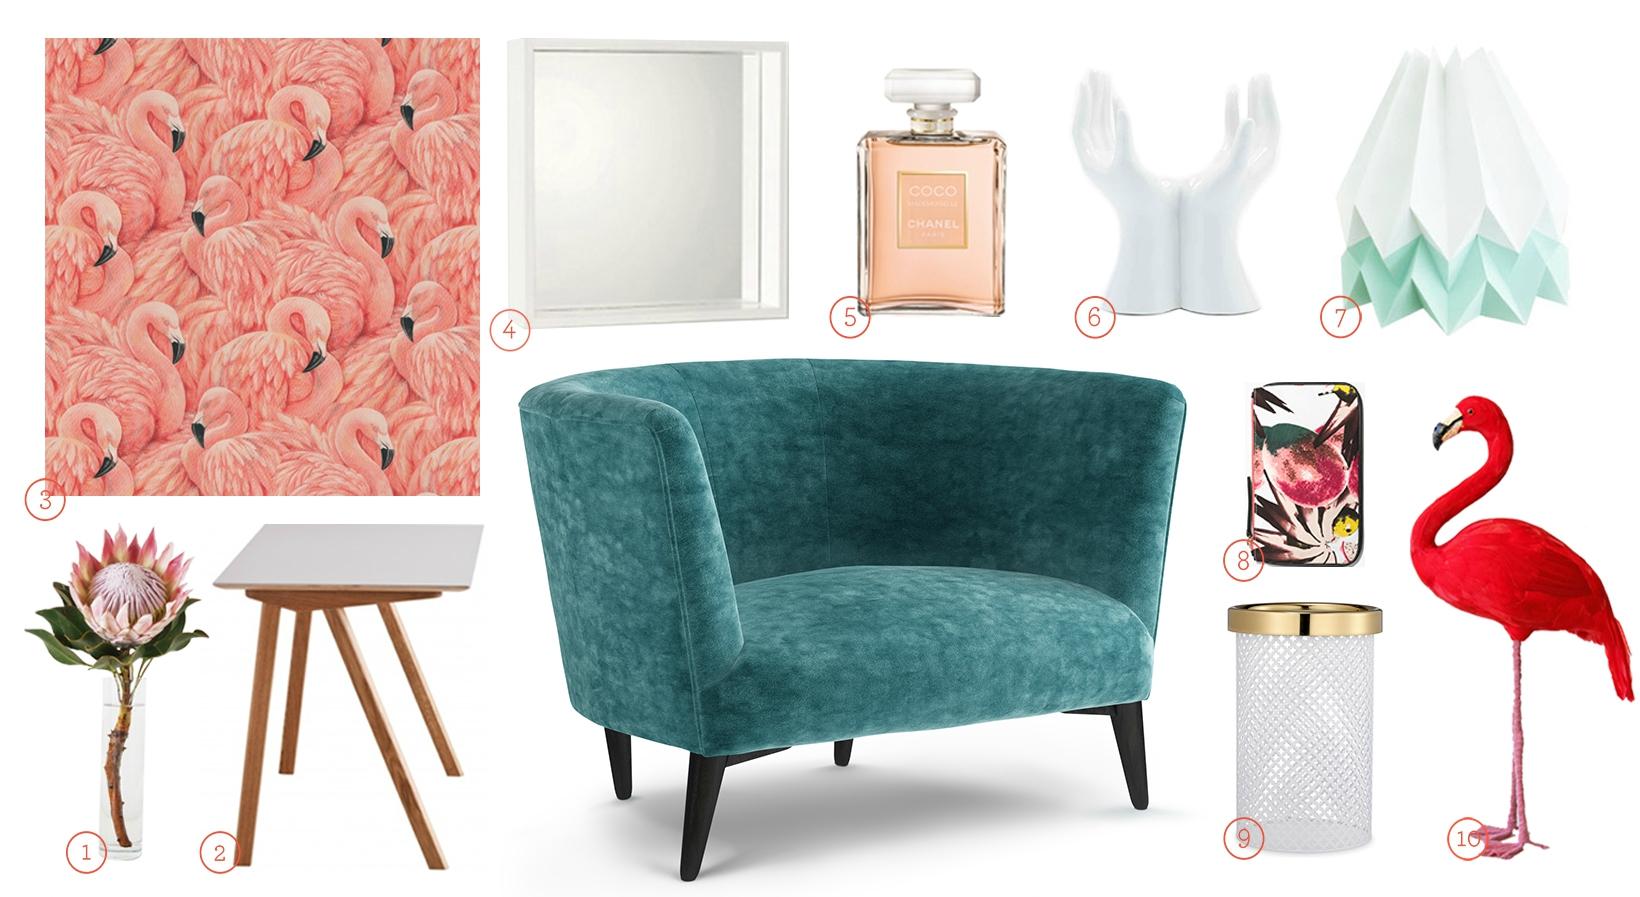 Get The Look - Elton Snuggler Upholstered in Teal Velvet Fabric